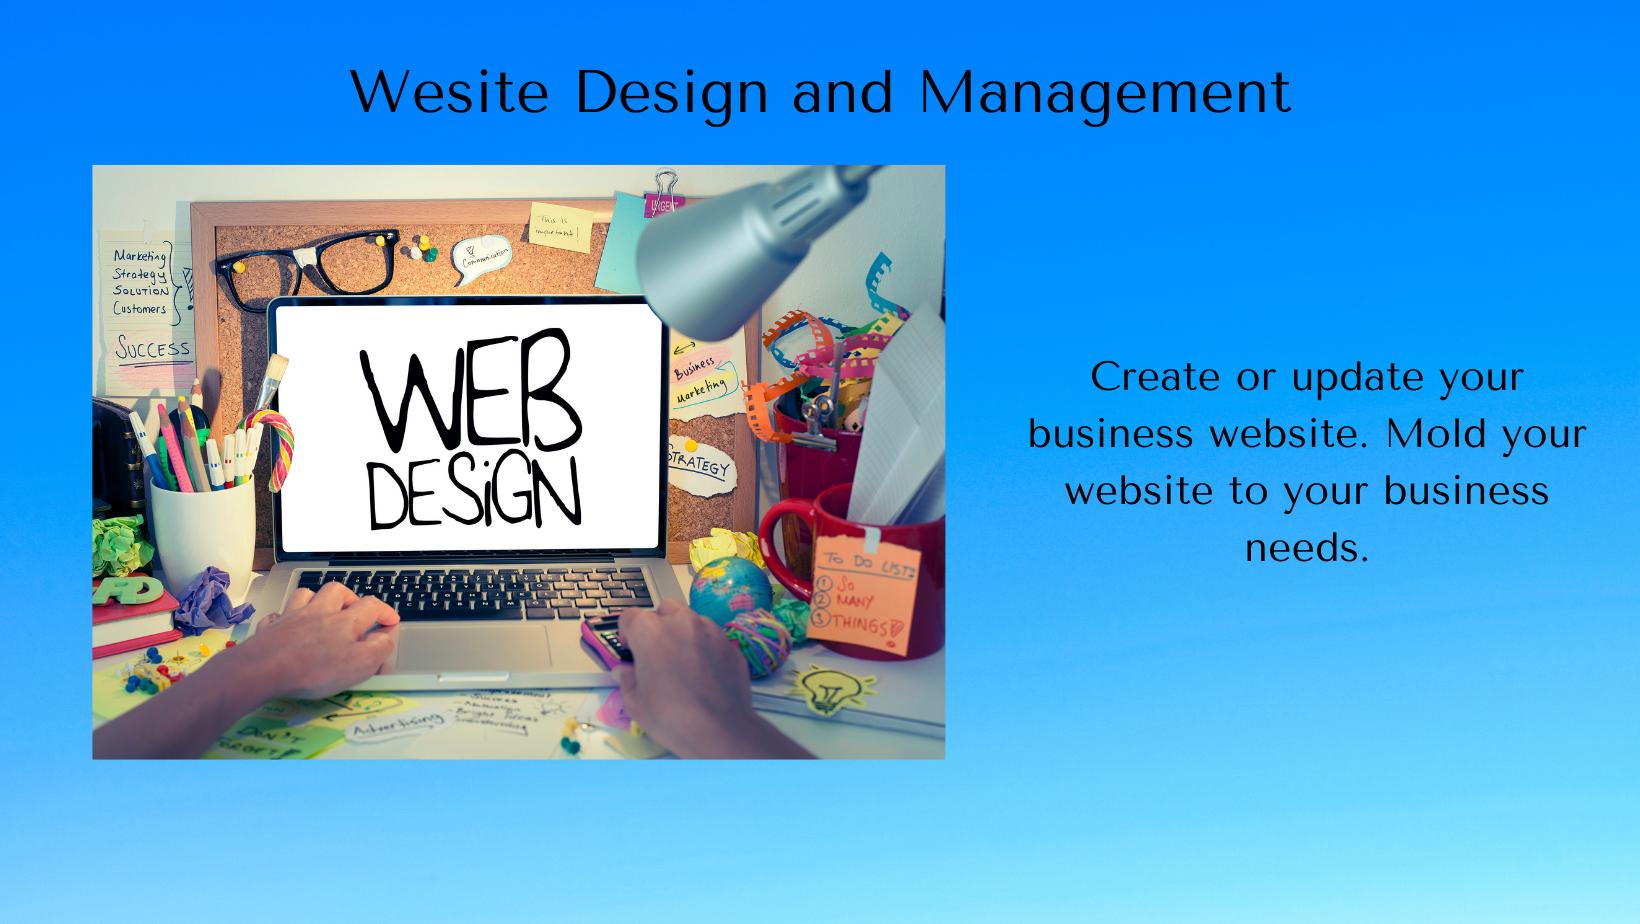 Website Design and Management